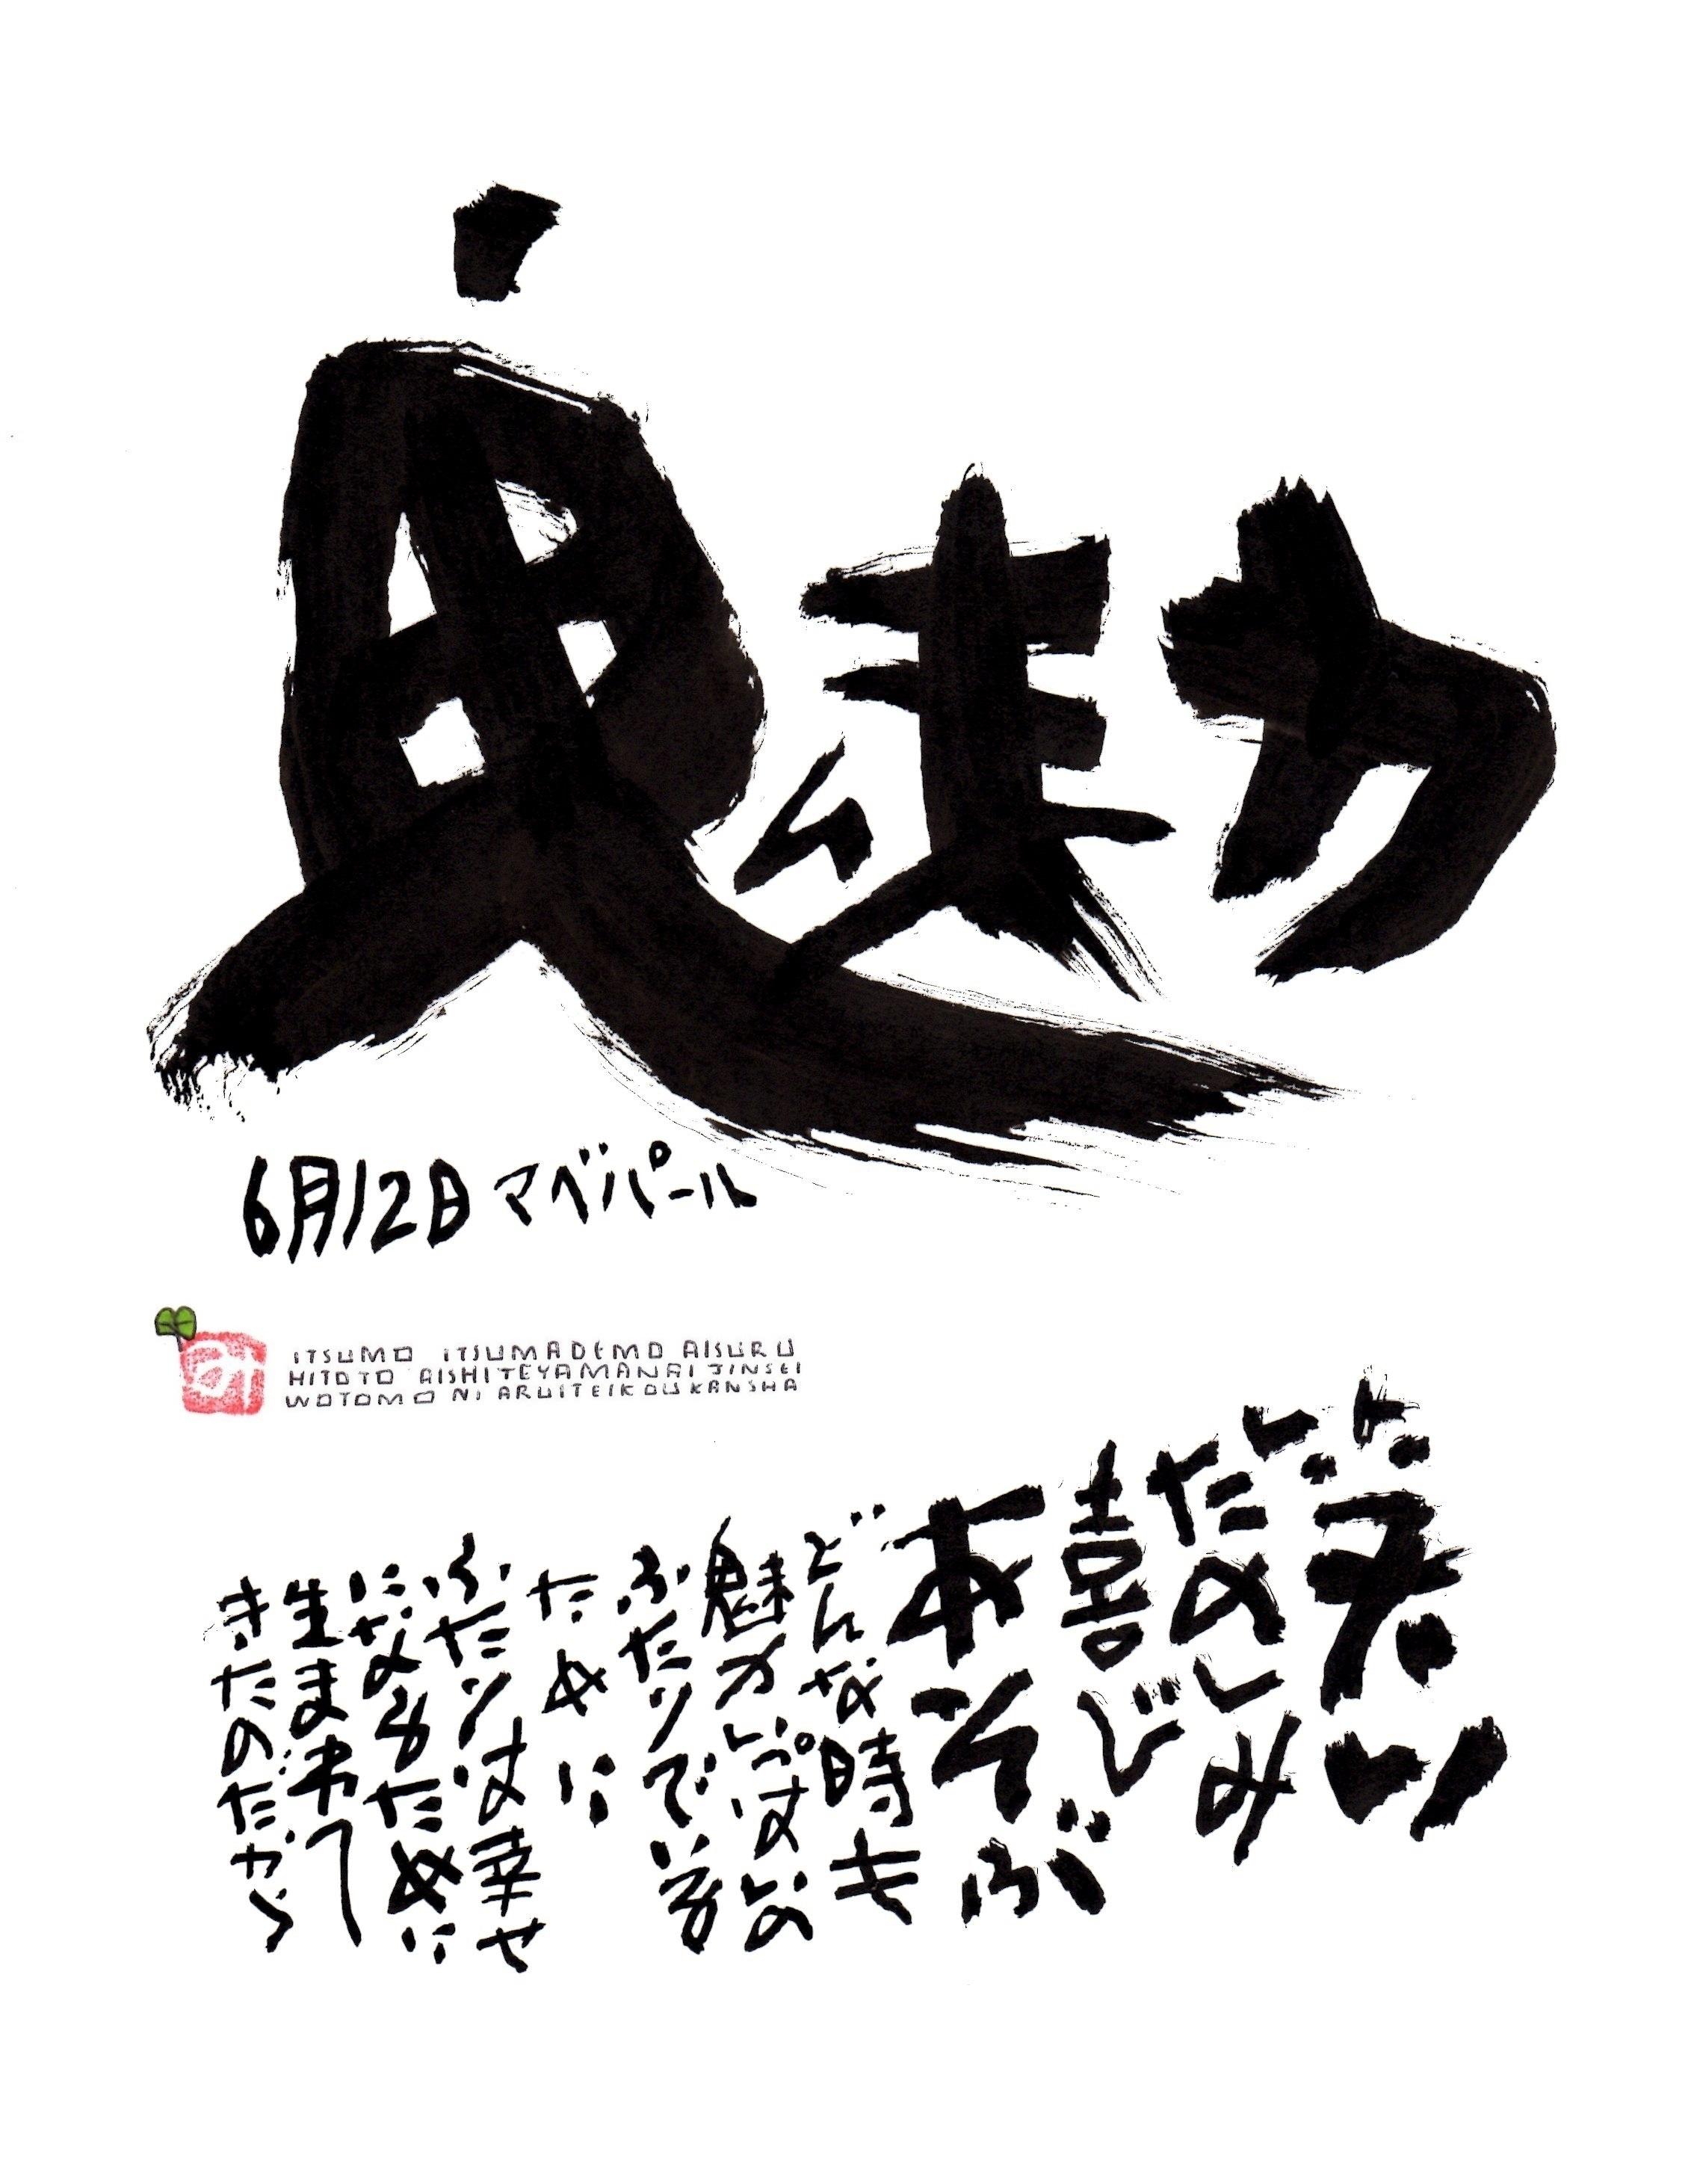 6月12日 結婚記念日ポストカード【魅力】